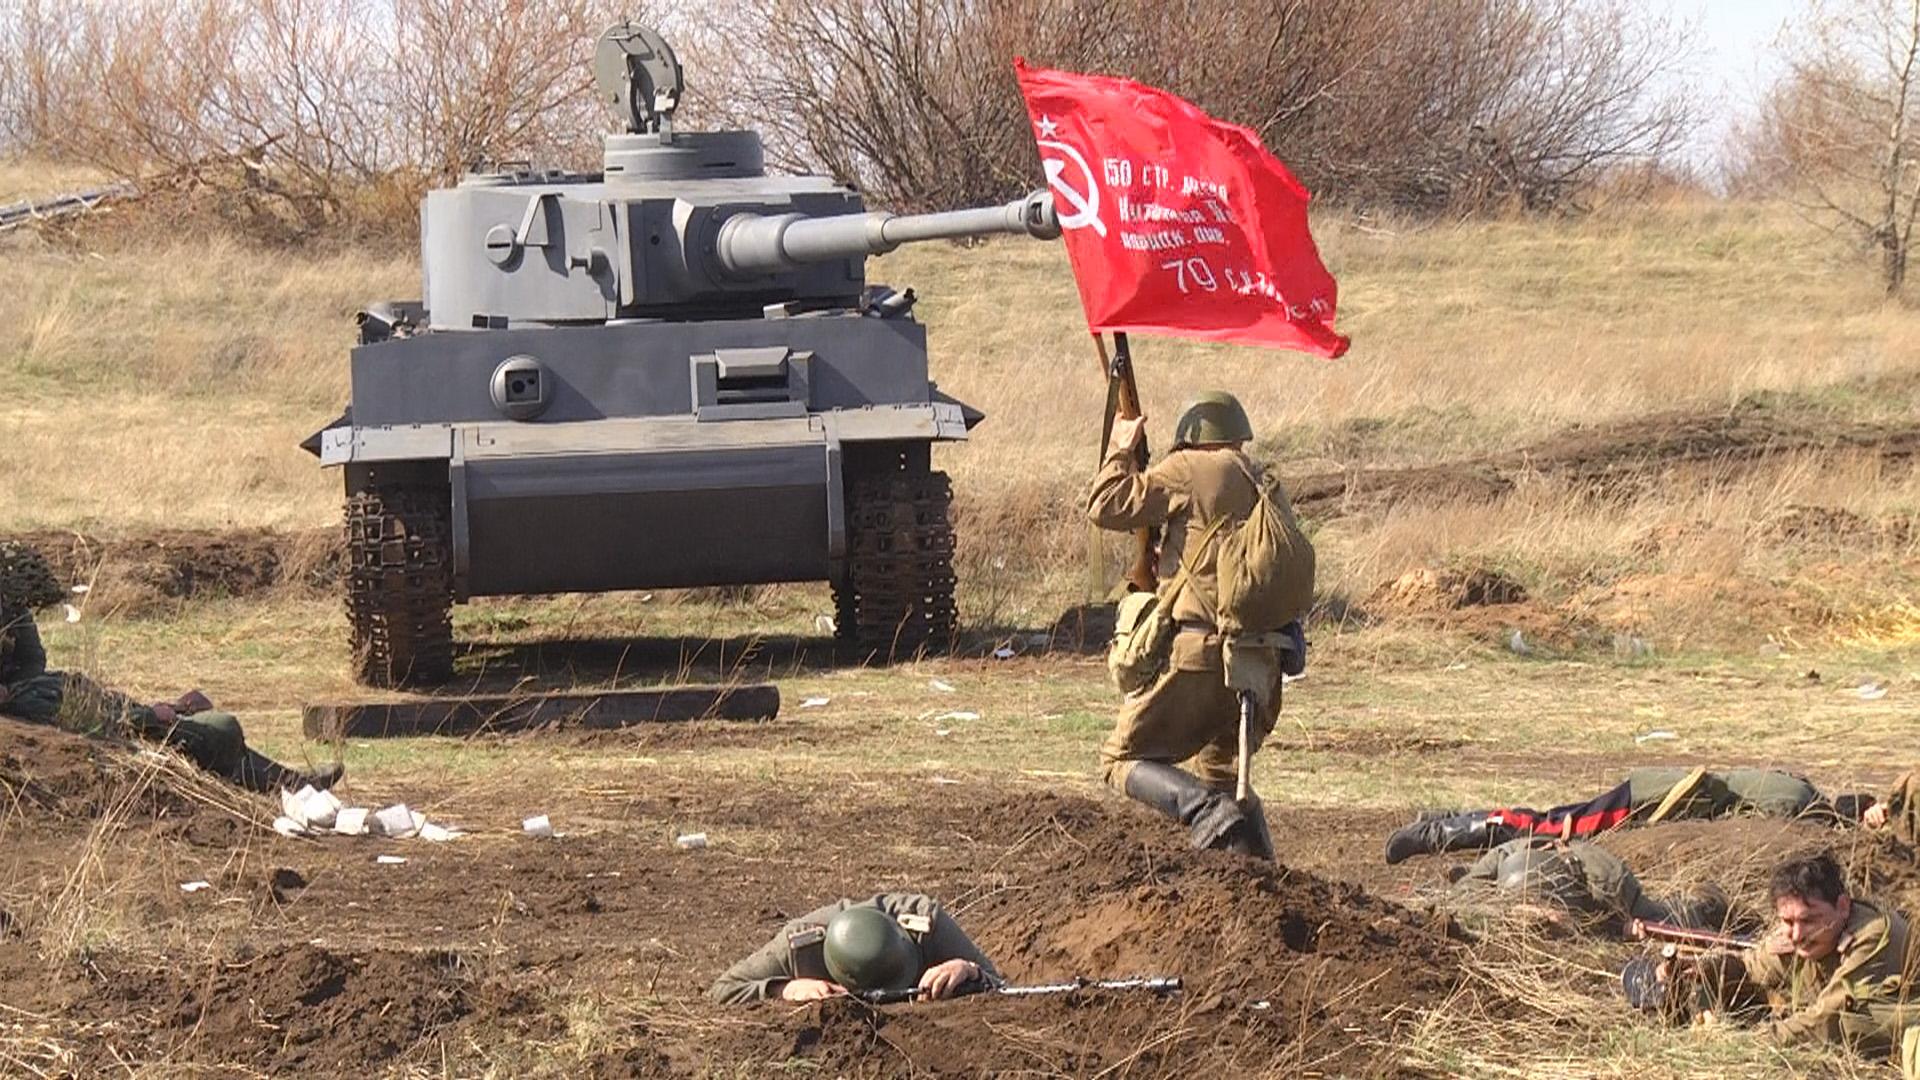 В Самарской области реконструируют битву Берлинской наступательной операции